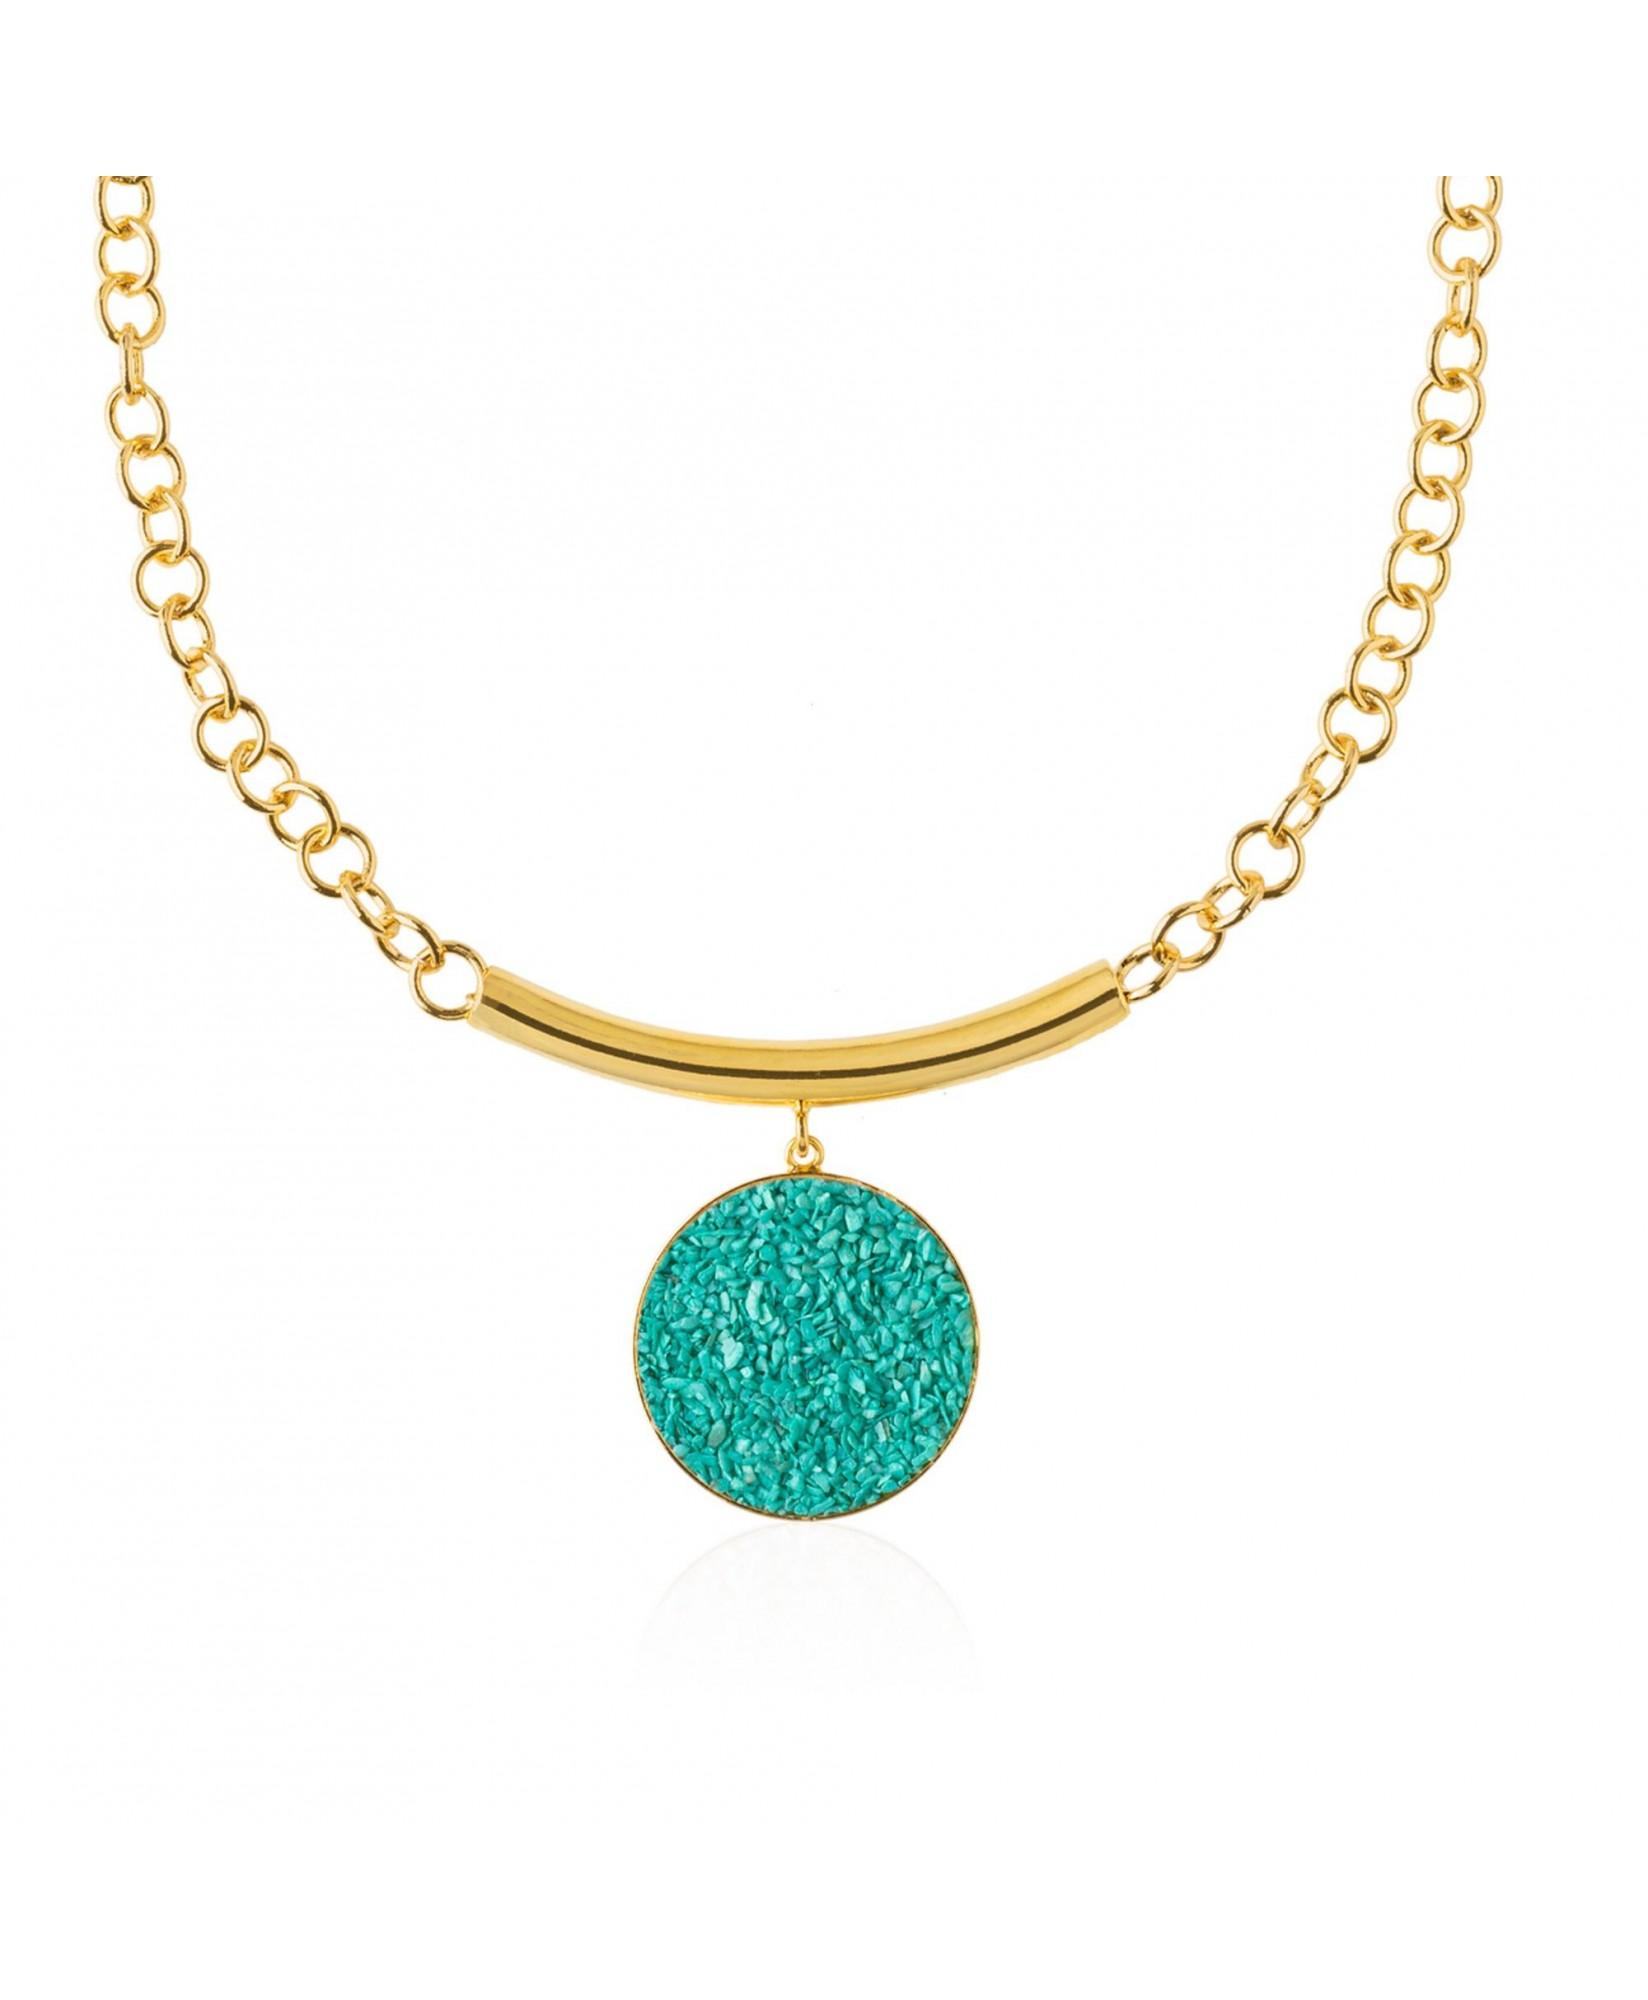 Collar oro con colgante de turquesa Anais Collar oro con colgante de turquesa Anais